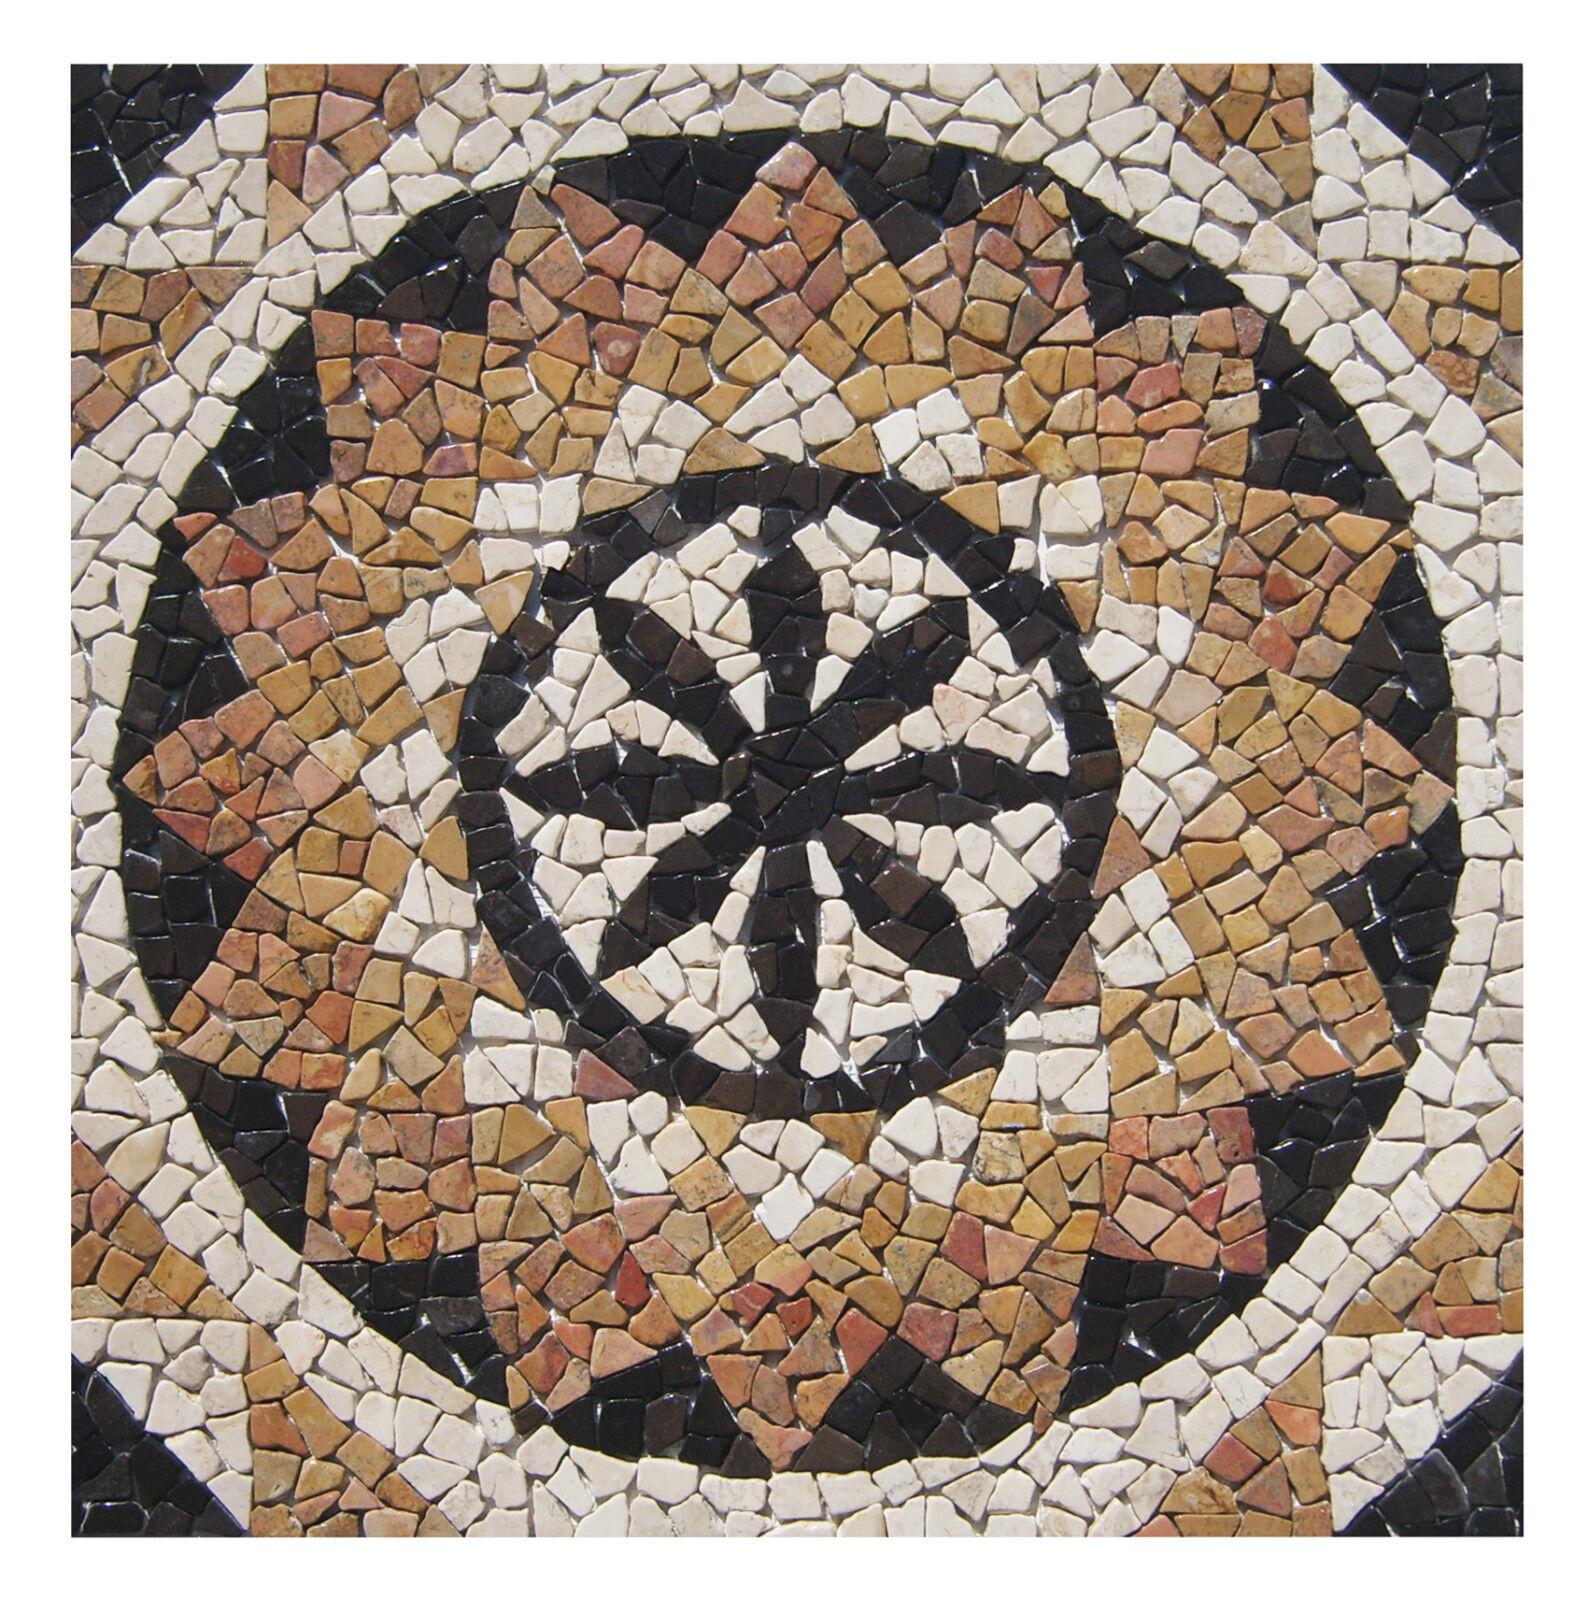 1 Rosone RO-004 Marmor 90 x 90 x 1 cm - Fliesen Lager NRW - Stein-mosaik Herne -